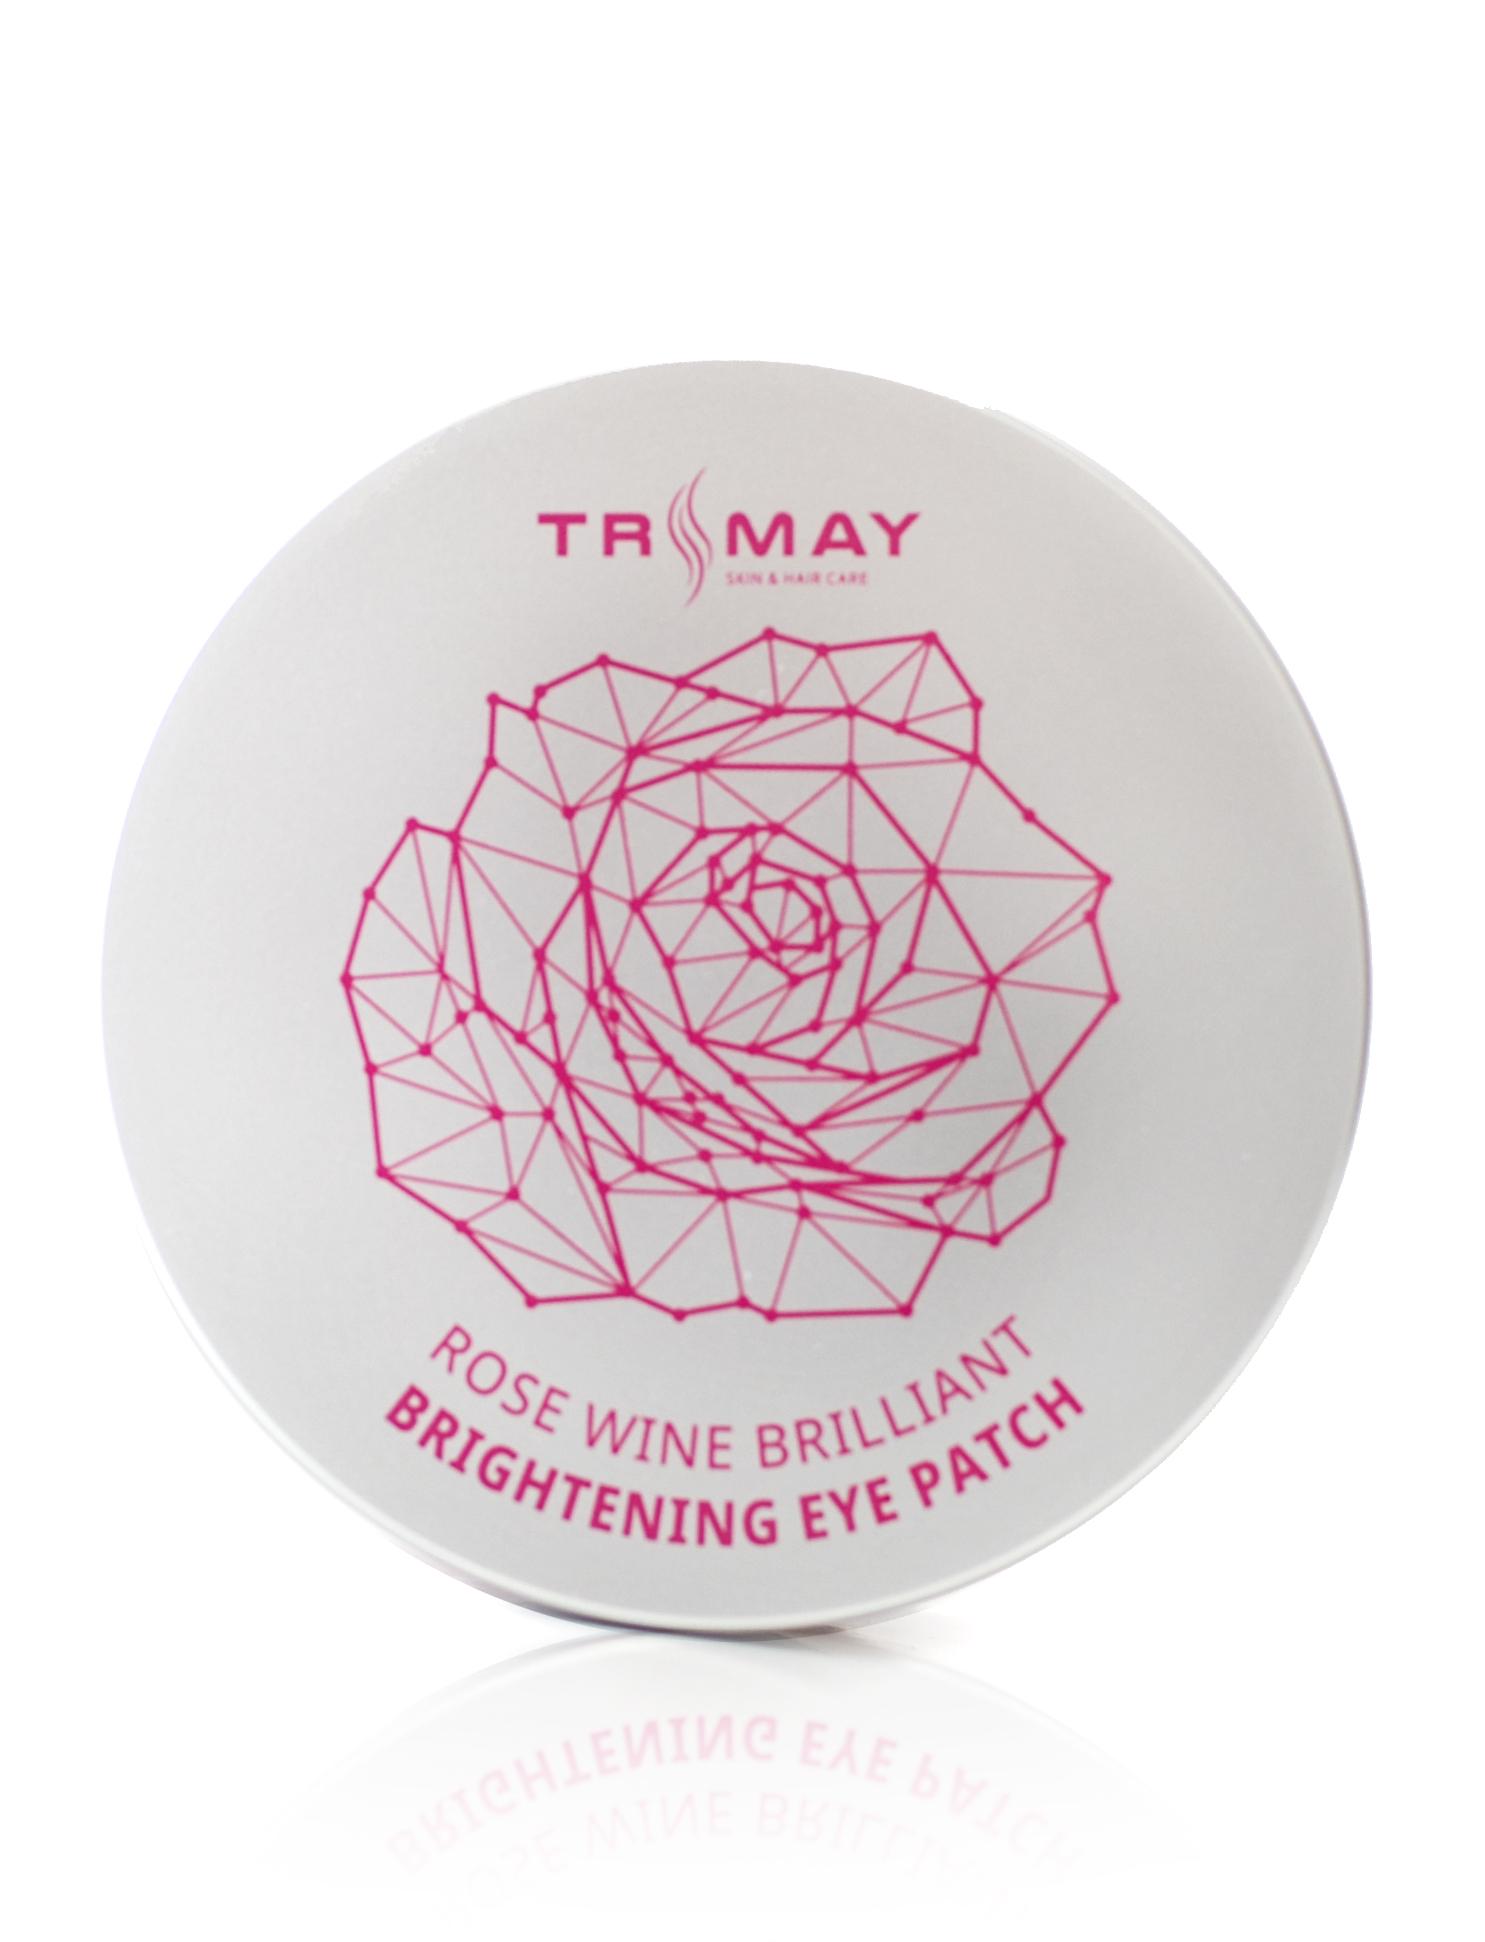 Гидрогелевые патчи для век с вином TRIMAY Rose Wine Brilliant Brightening Eye Patch - 90 шт